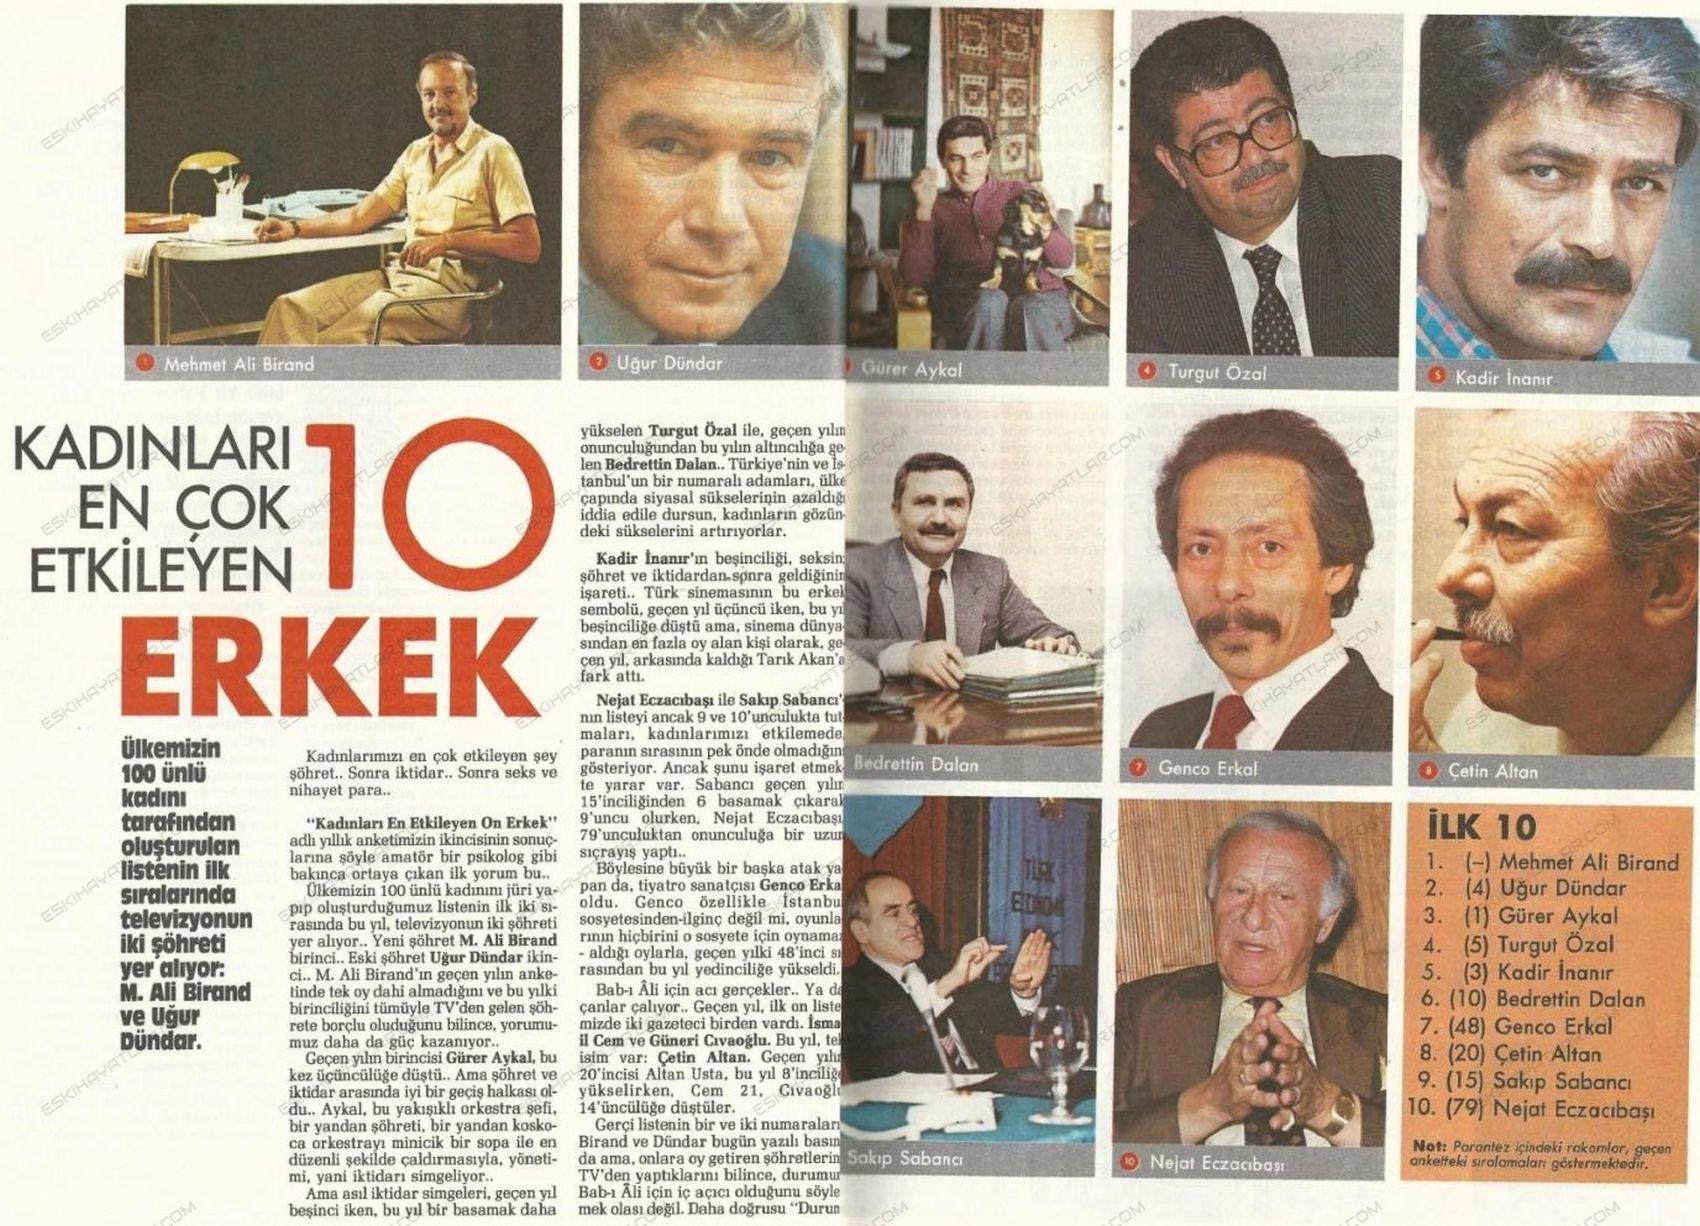 0395-kadinlari-etkileyen-on-erkek-1986-yilinda-turkiye-erkekce-dergisi (1)